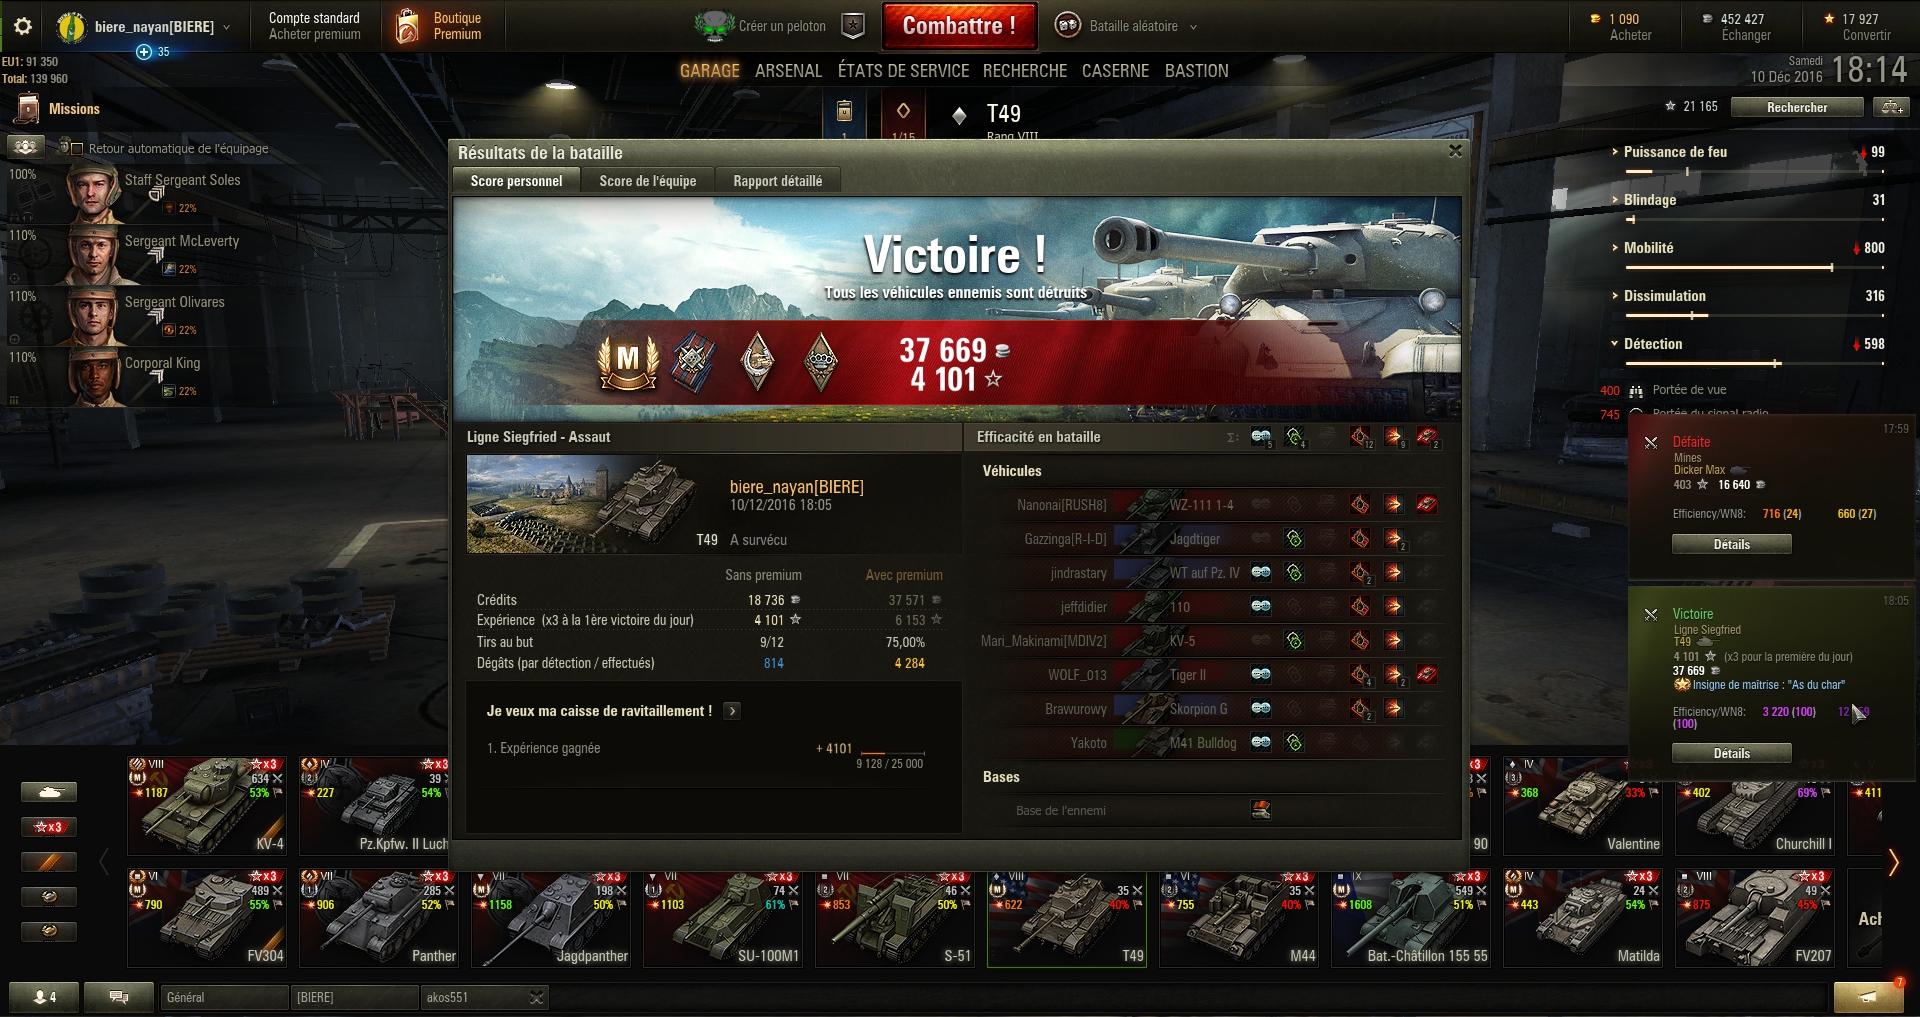 Screenshots et rapports de batailles - Page 13 652167shot010